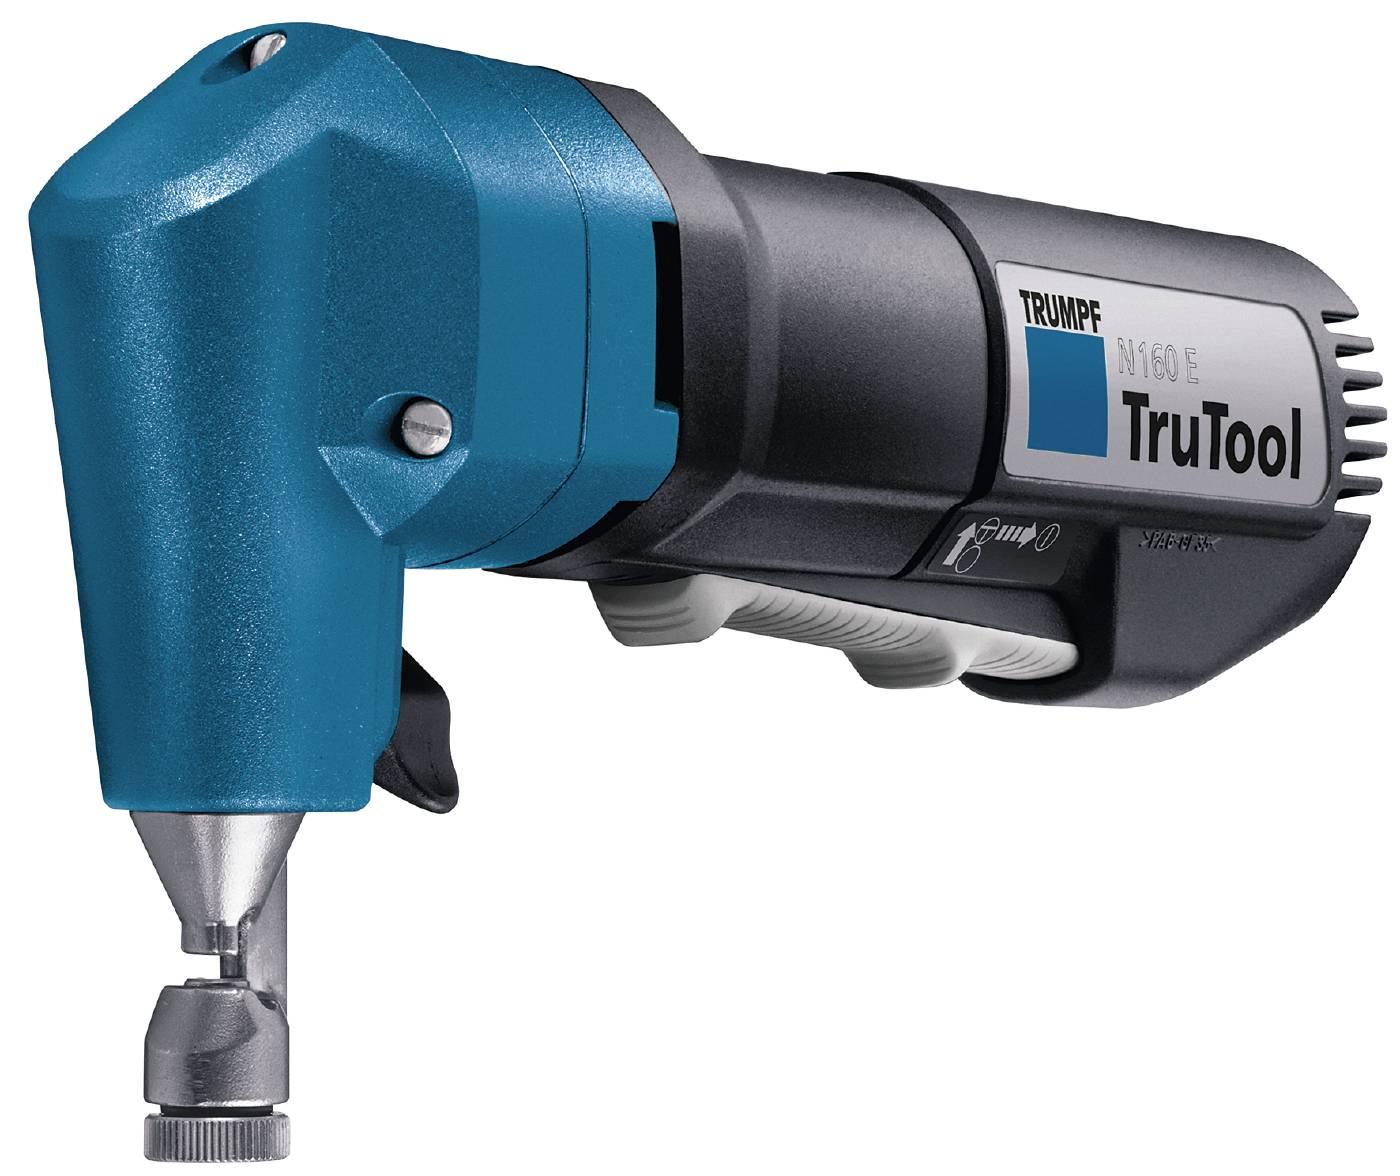 Handnibblingsmaskin TruTool N160E